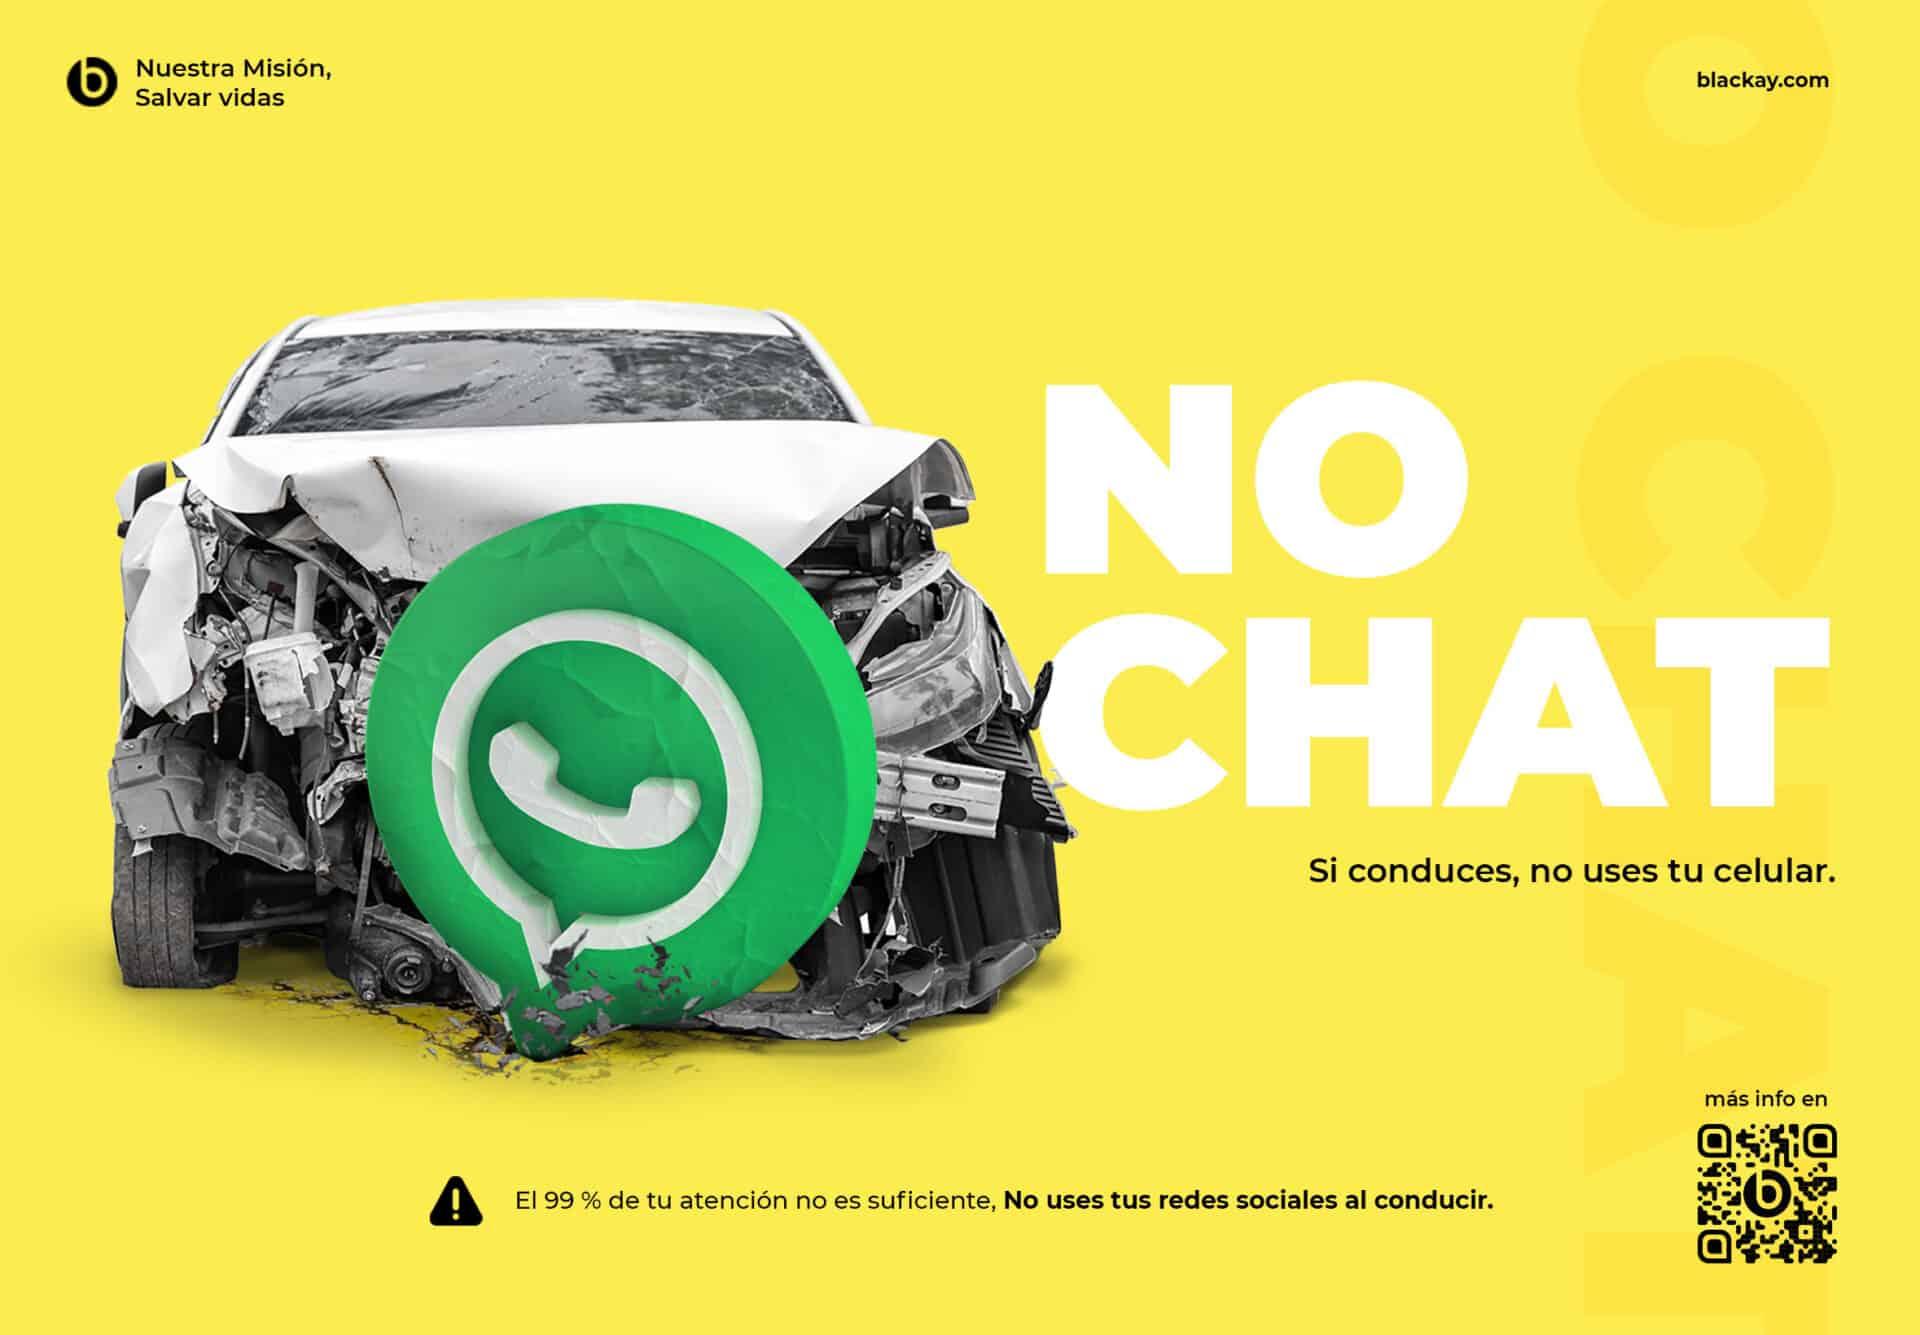 El 99 % de tu atención no es suficiente, No uses tus redes sociales al conducir.